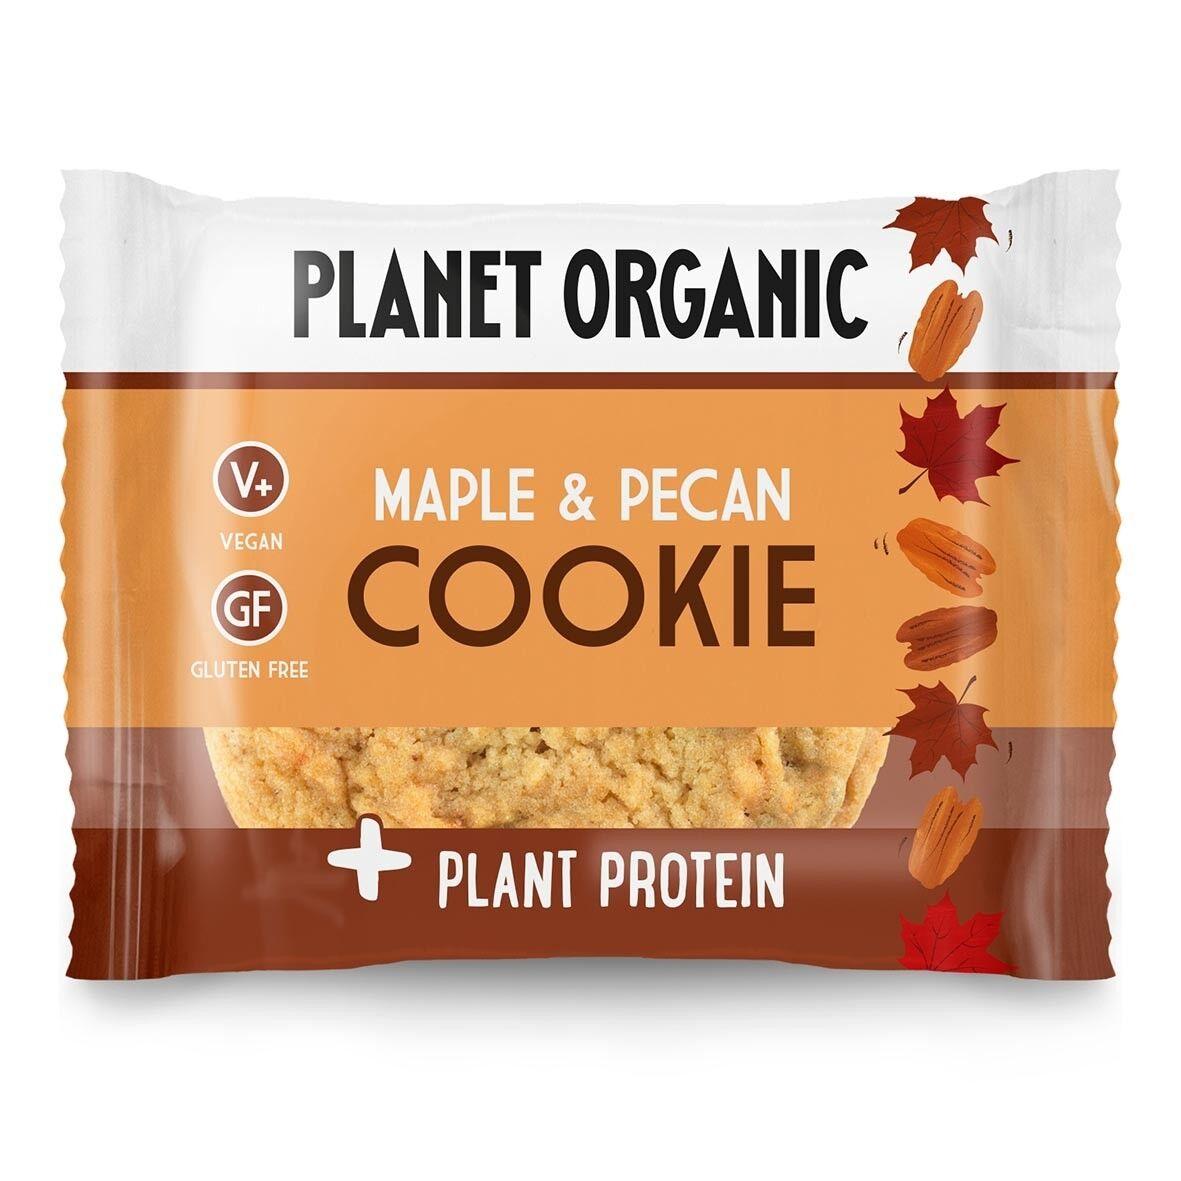 Lechoppebio Cookie Protéiné Sirop d'Erable & Pécan Bio 50g - Planet Organic